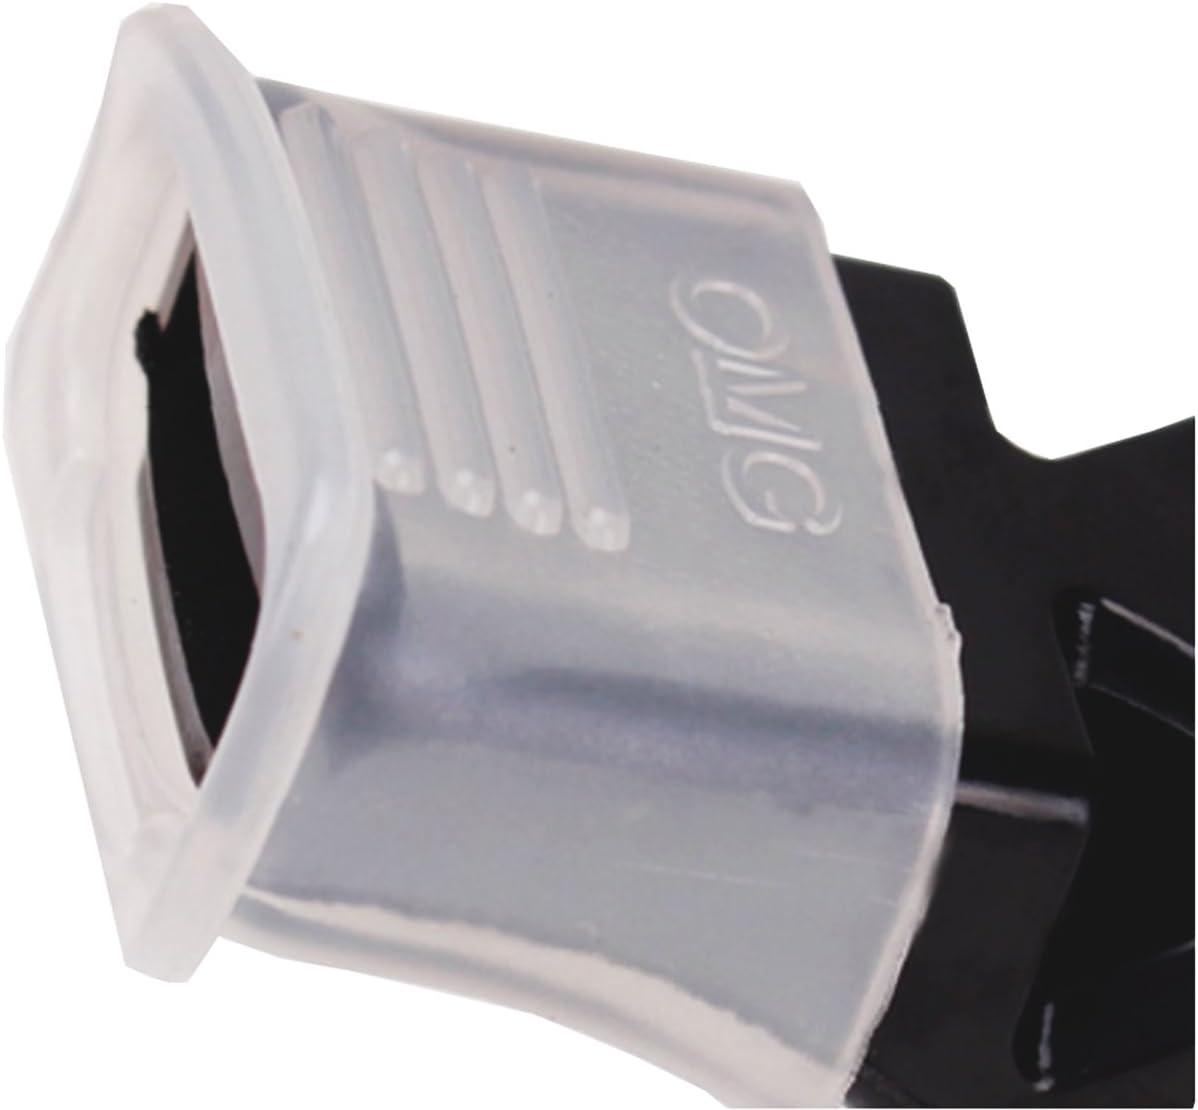 /Ø 12/mm 1.4301/gezogen H9/geschliffen K240-Longueur env B /& T m/étal rond en acier inoxydable DRM 500/mm + 0//3/mm 50/cm